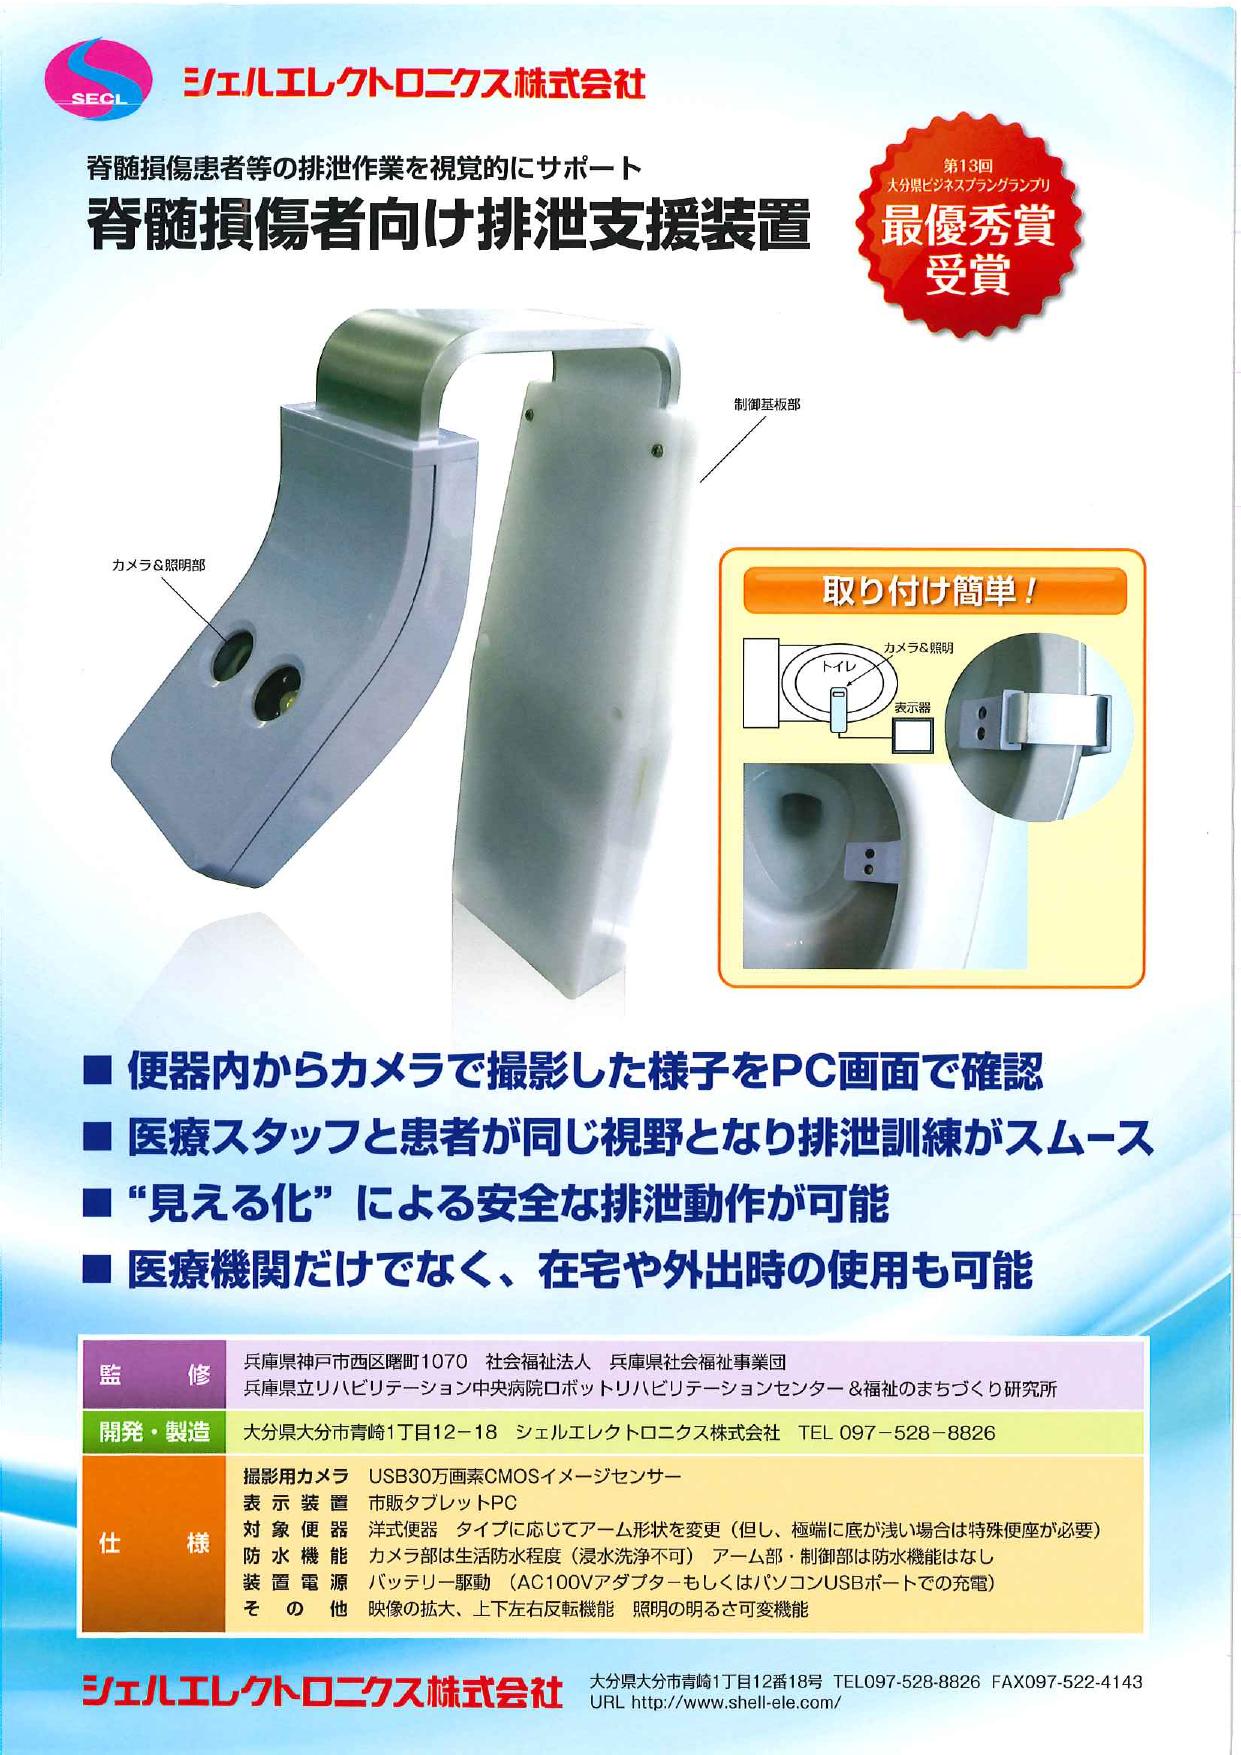 脊髄損傷患者等の排泄作業を視覚的にサポート 脊髄損傷者向け排泄支援装置